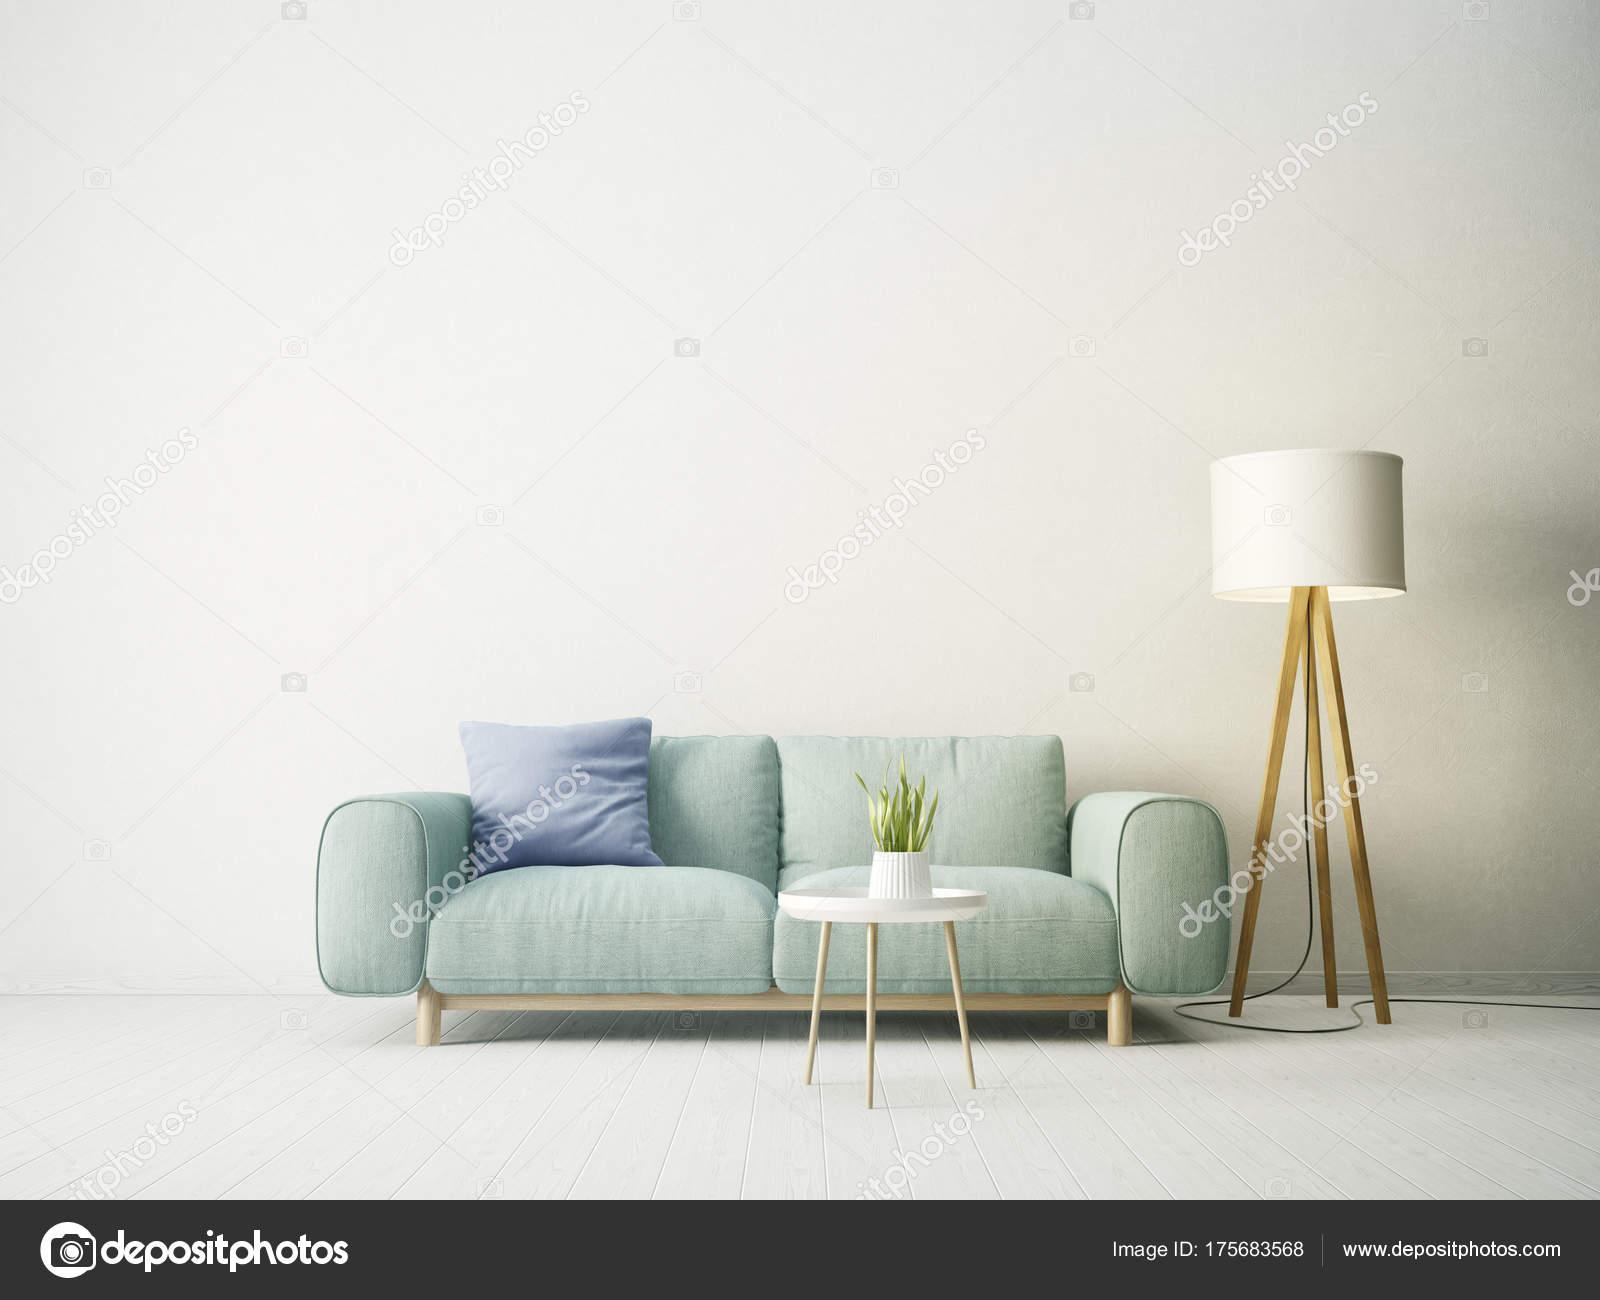 Lampen Scandinavisch Interieur : Moderne woonkamer met sofa blauw kussen lamp scandinavisch